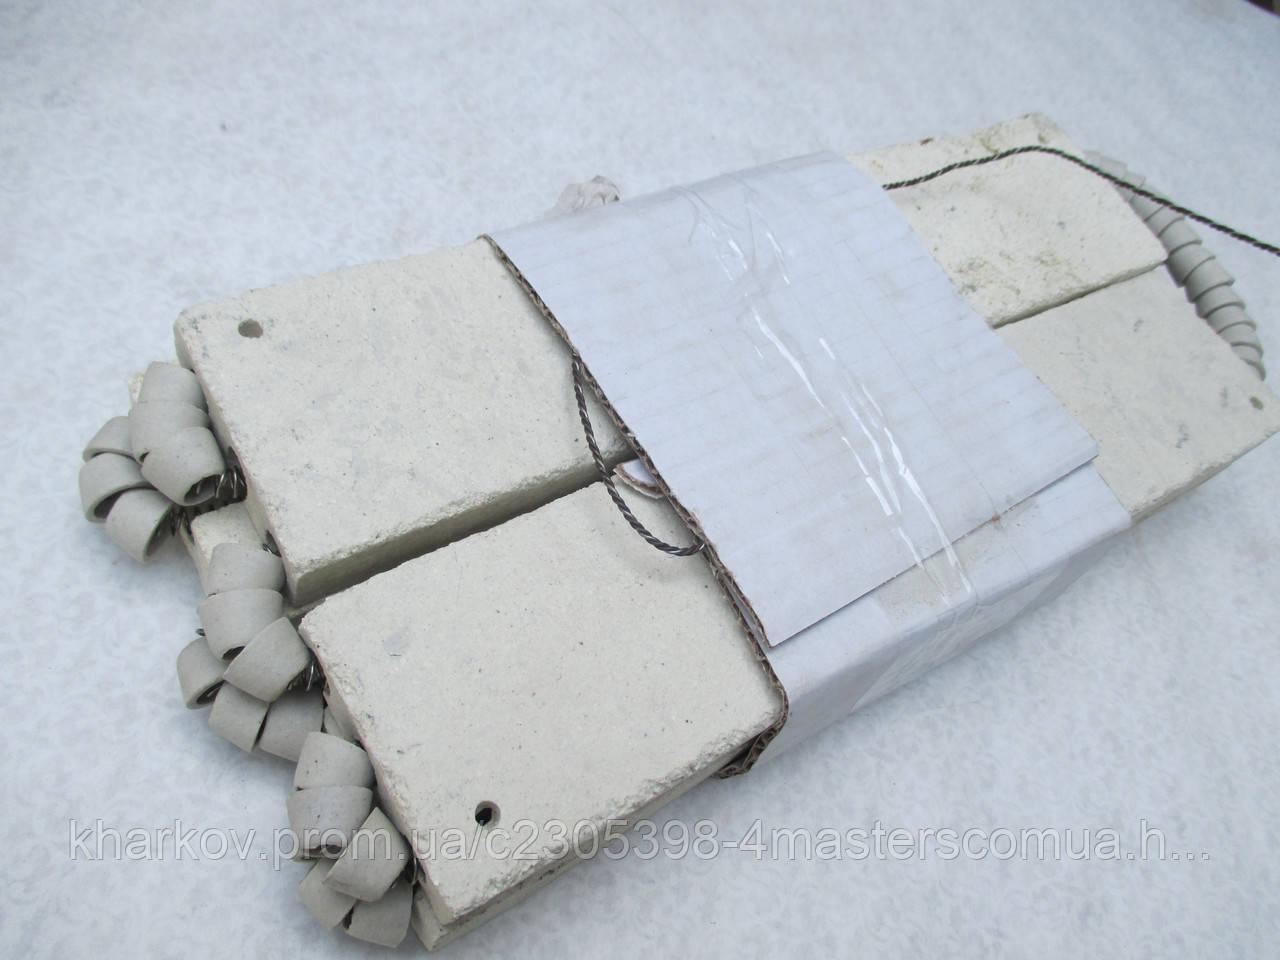 Ремкомплект для мармита 0-12 3 кВт